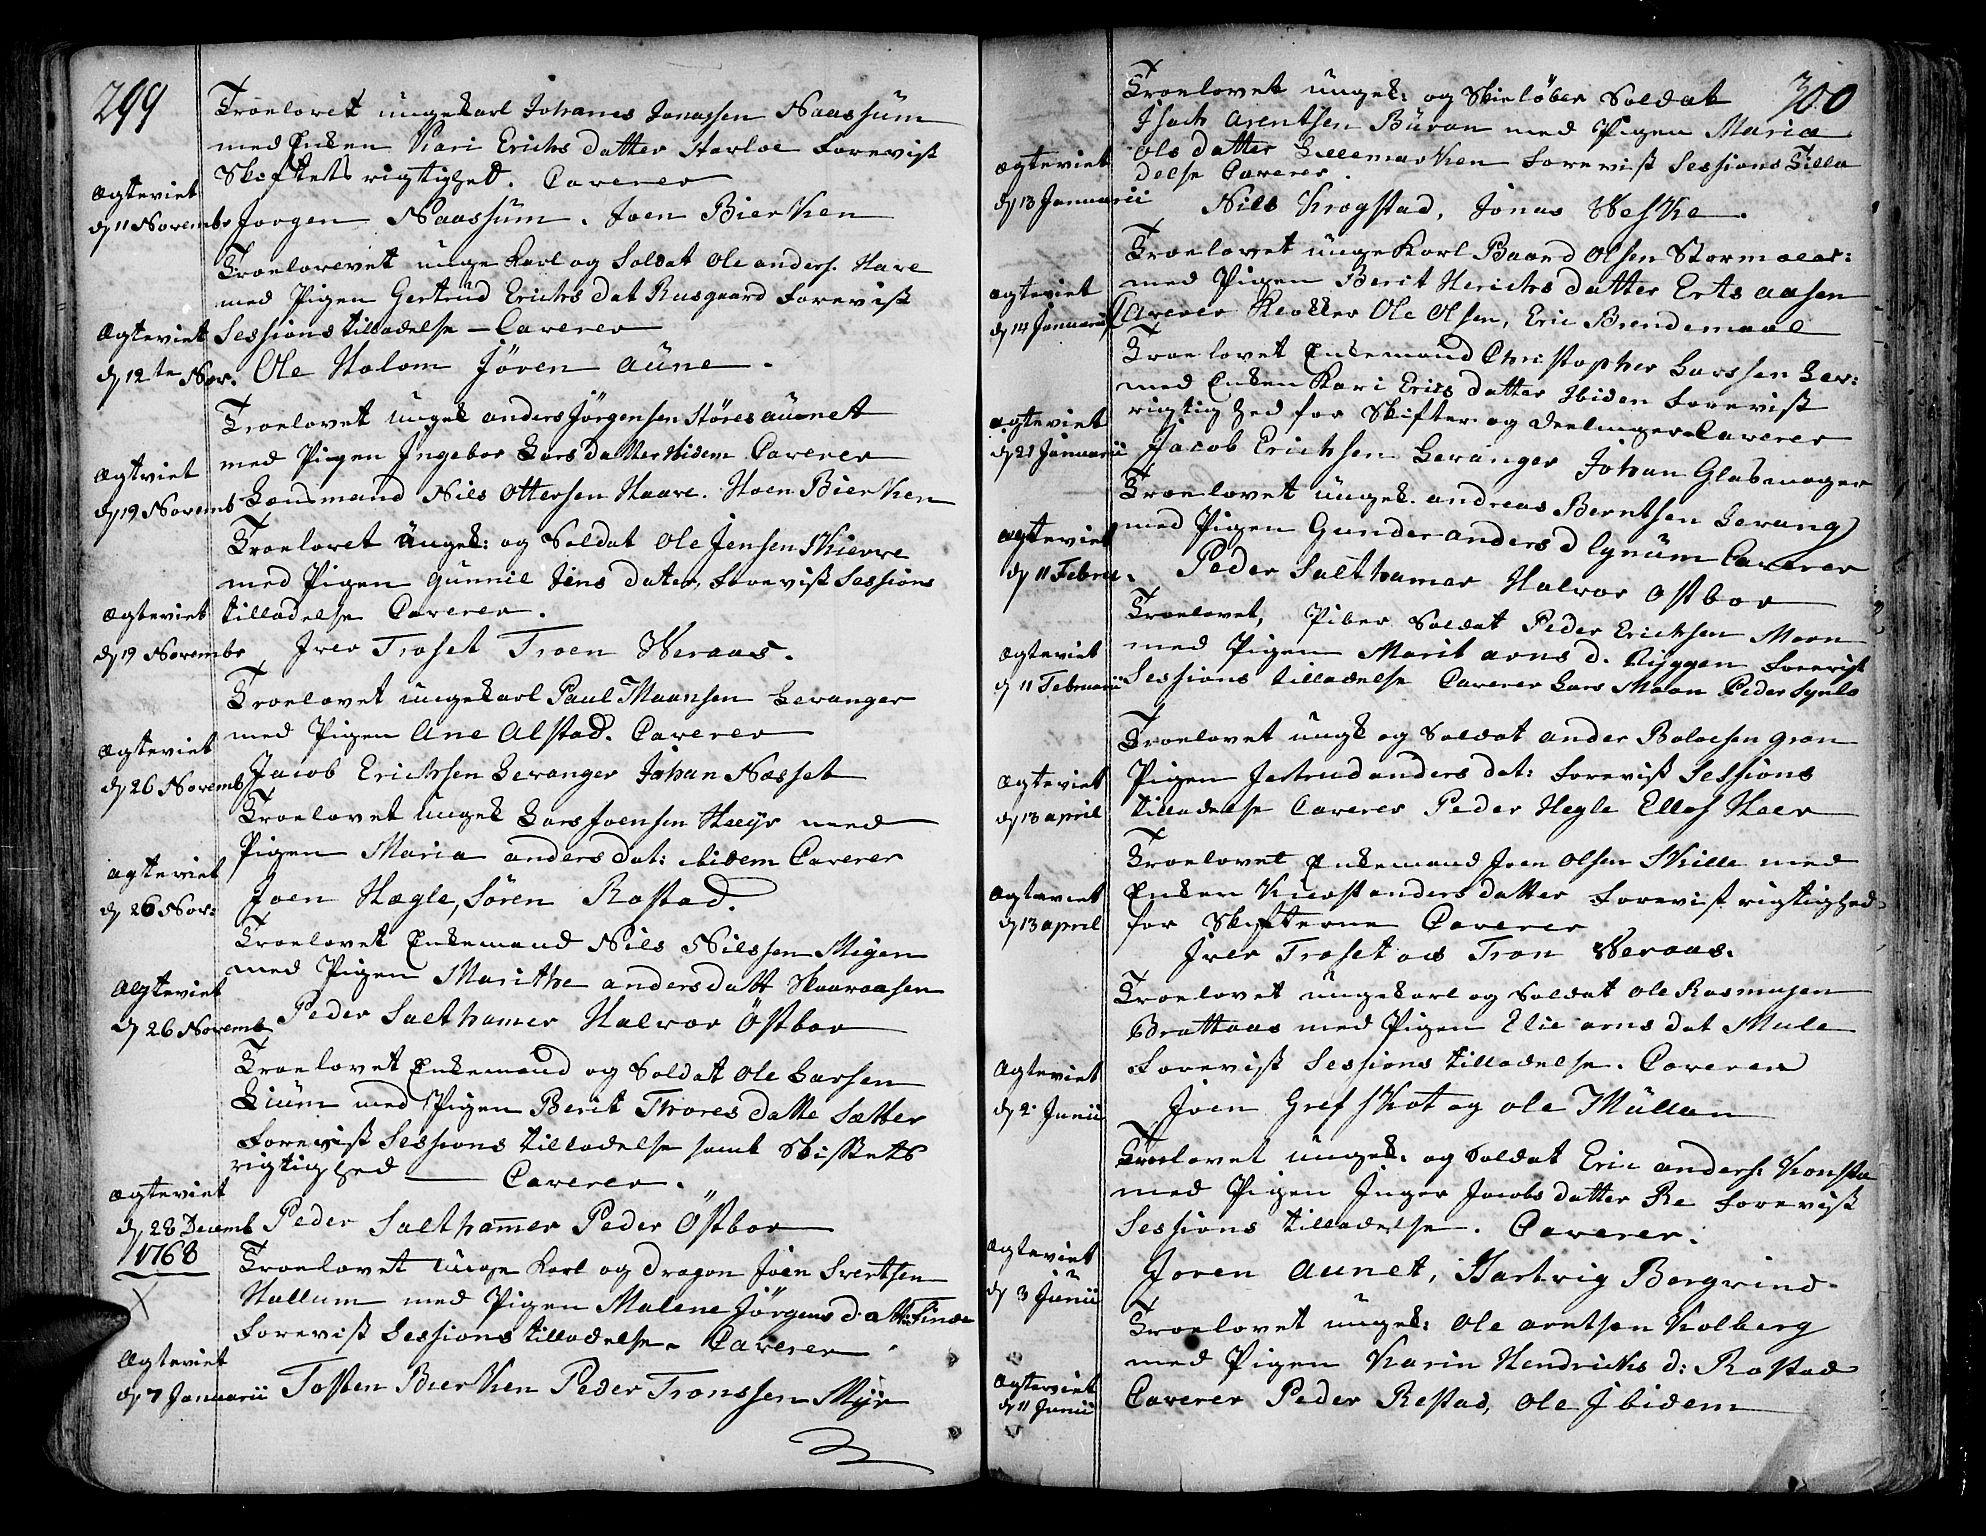 SAT, Ministerialprotokoller, klokkerbøker og fødselsregistre - Nord-Trøndelag, 717/L0141: Ministerialbok nr. 717A01, 1747-1803, s. 299-300